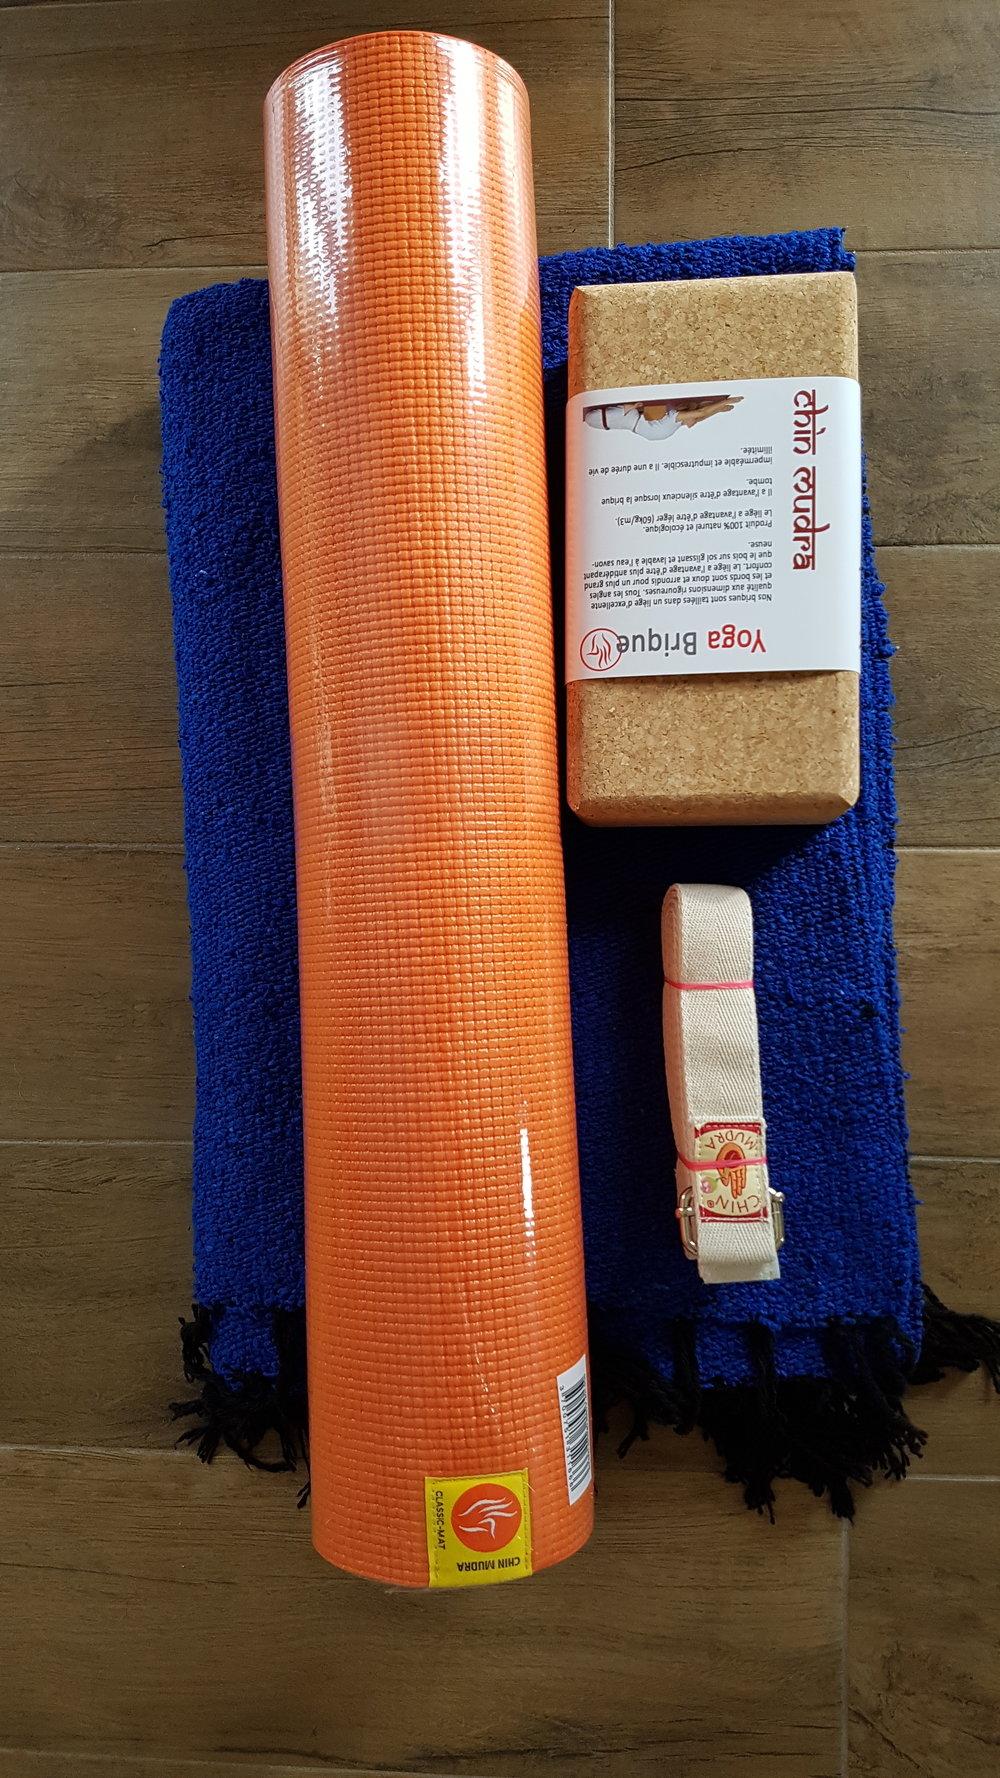 Kit Orange Bleu - 1 tapis confort orange + 1 bloc liège + 1 sangle écrue + 1 couverture épaisse deluxe bleu électrique : 89€TTC